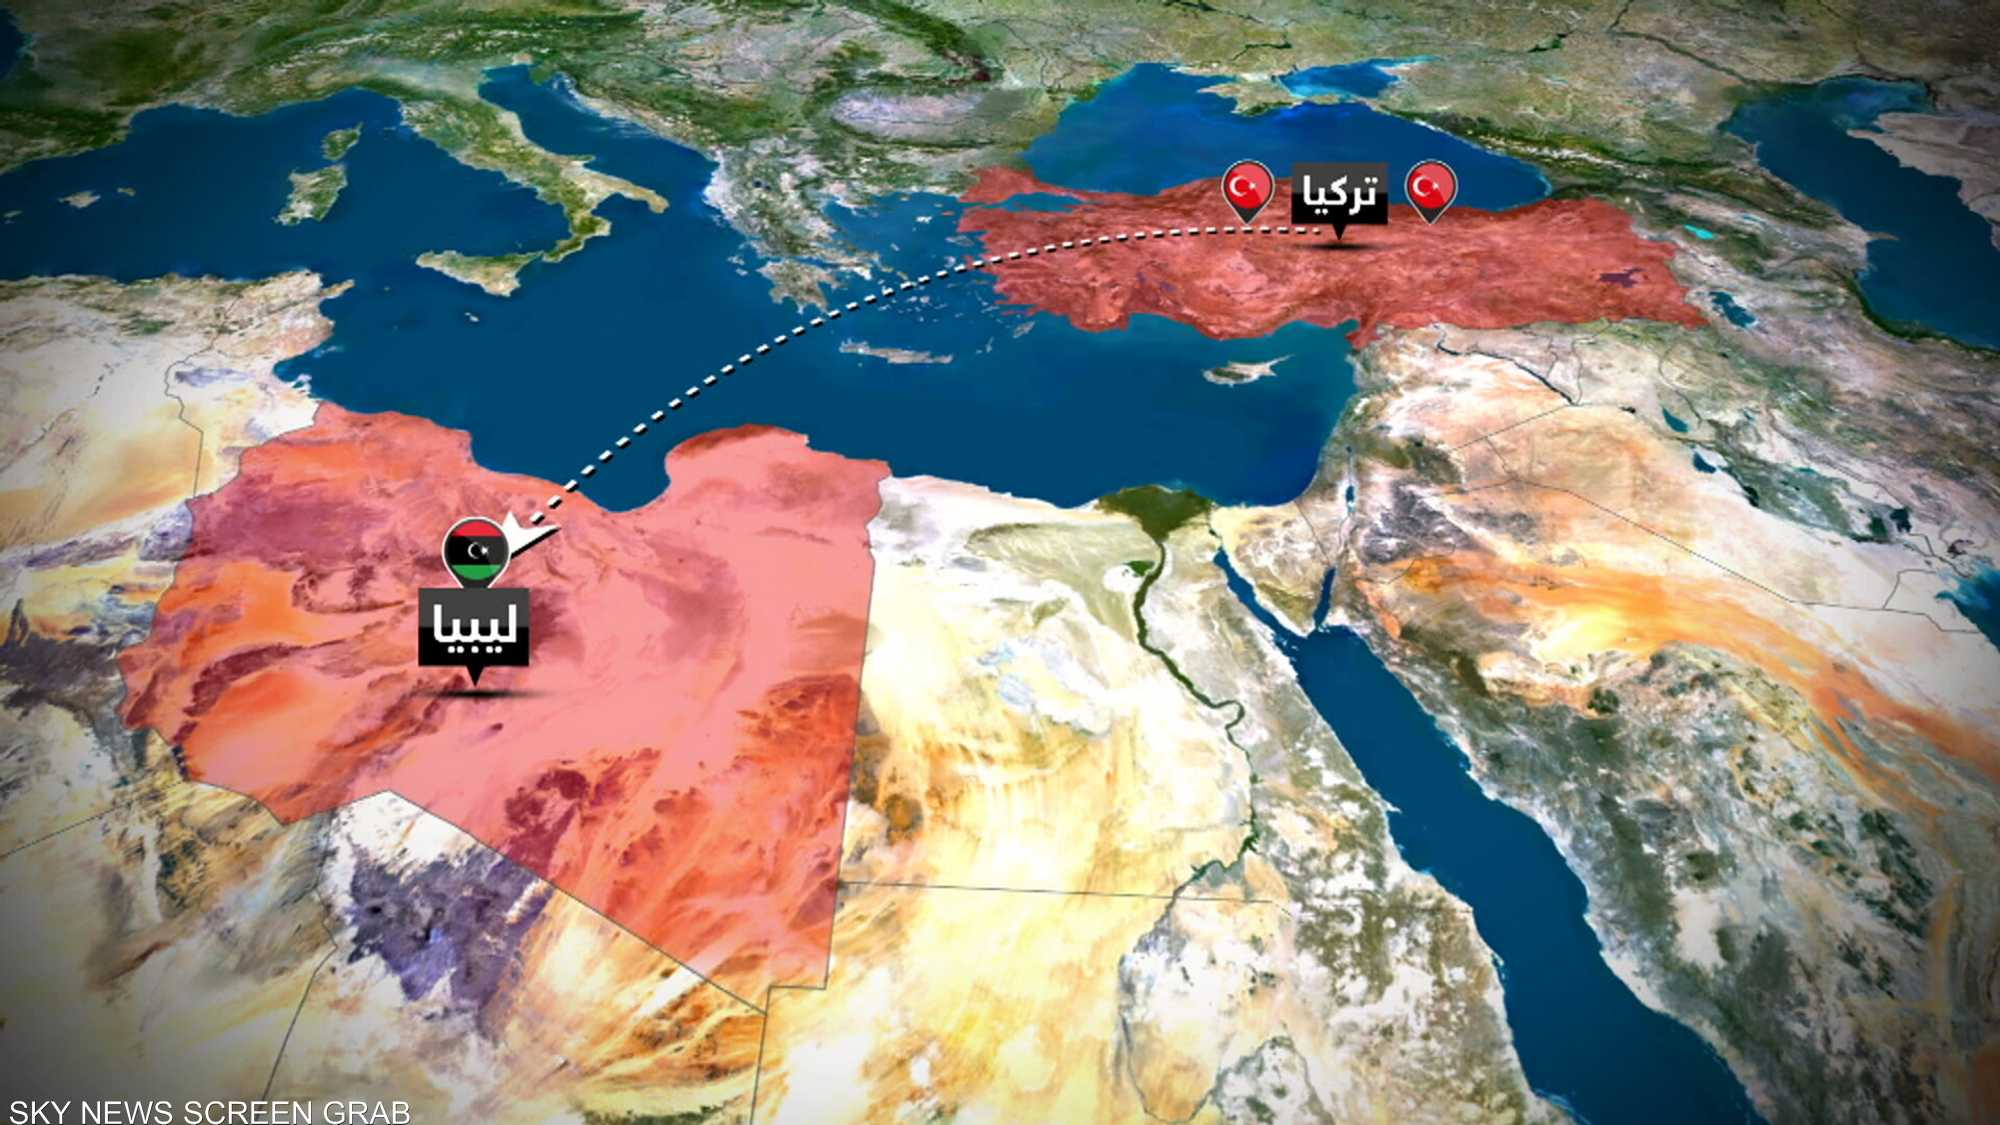 تركيا ومحاولات نشر قواعدها العسكرية في المنطقة